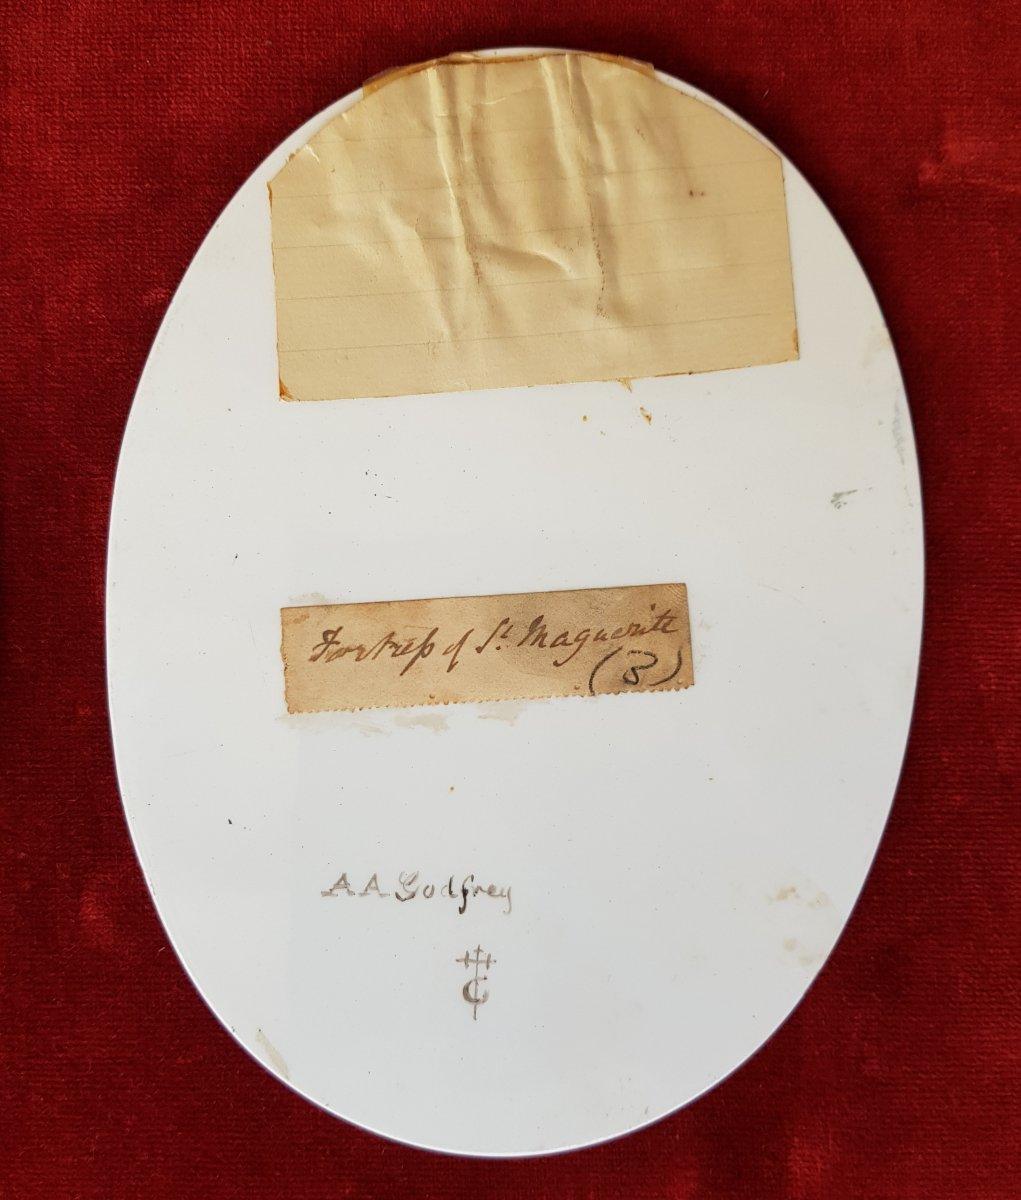 4 Vues De Cannes,antibes,poggio Et San Remo Plaques Ceramique Adélaide Anne Godfrey (1827-1915)-photo-5